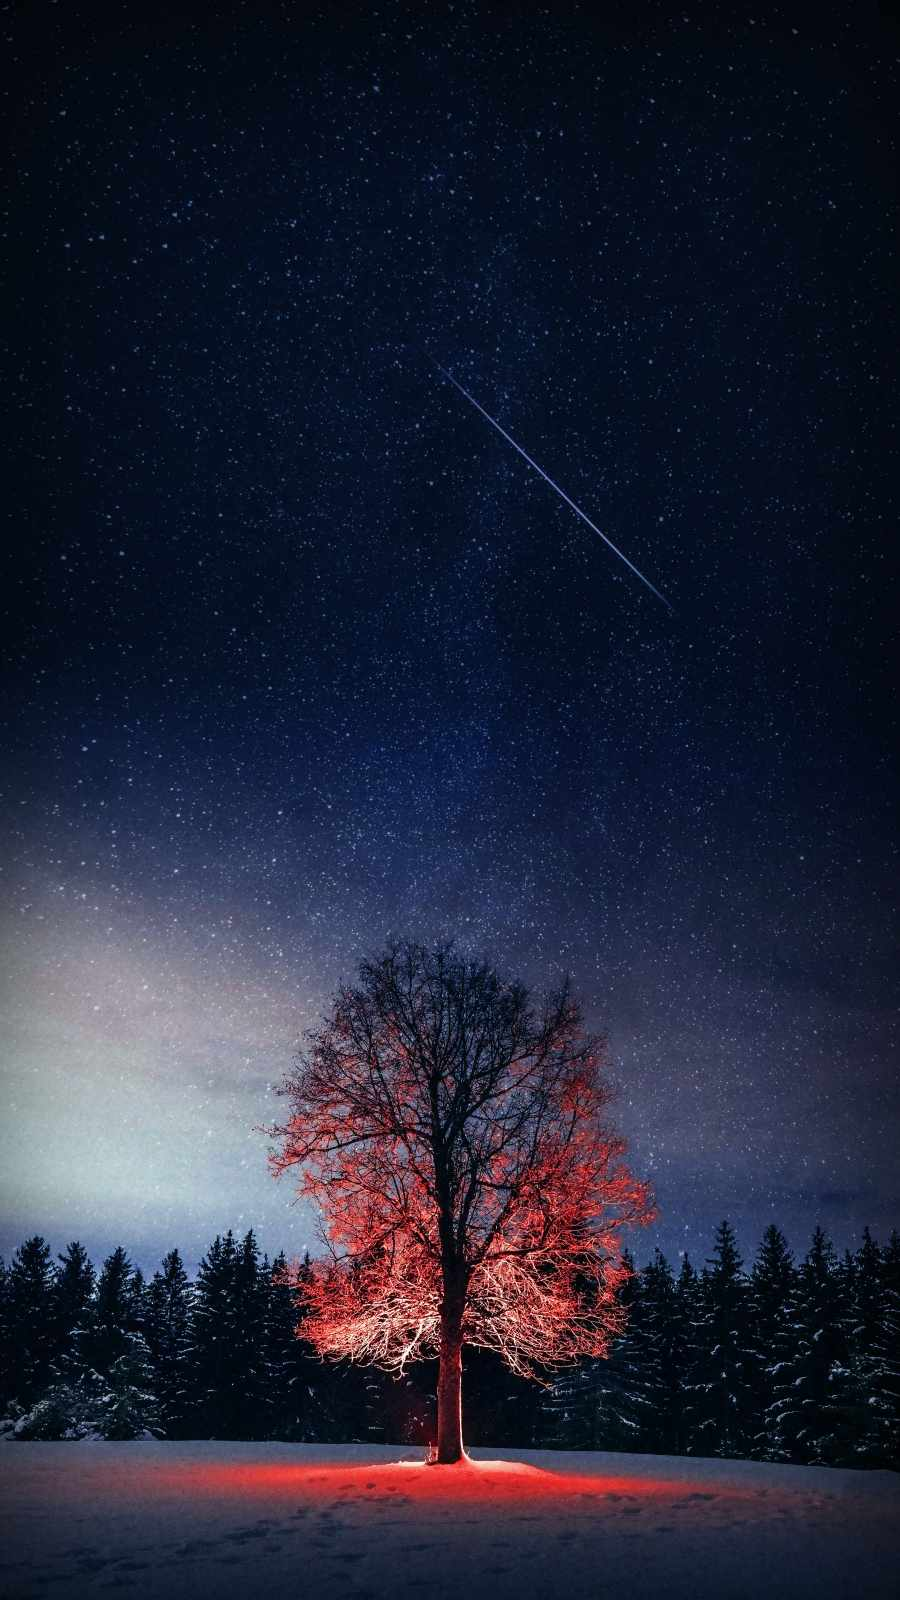 Night Tree Starry Sky